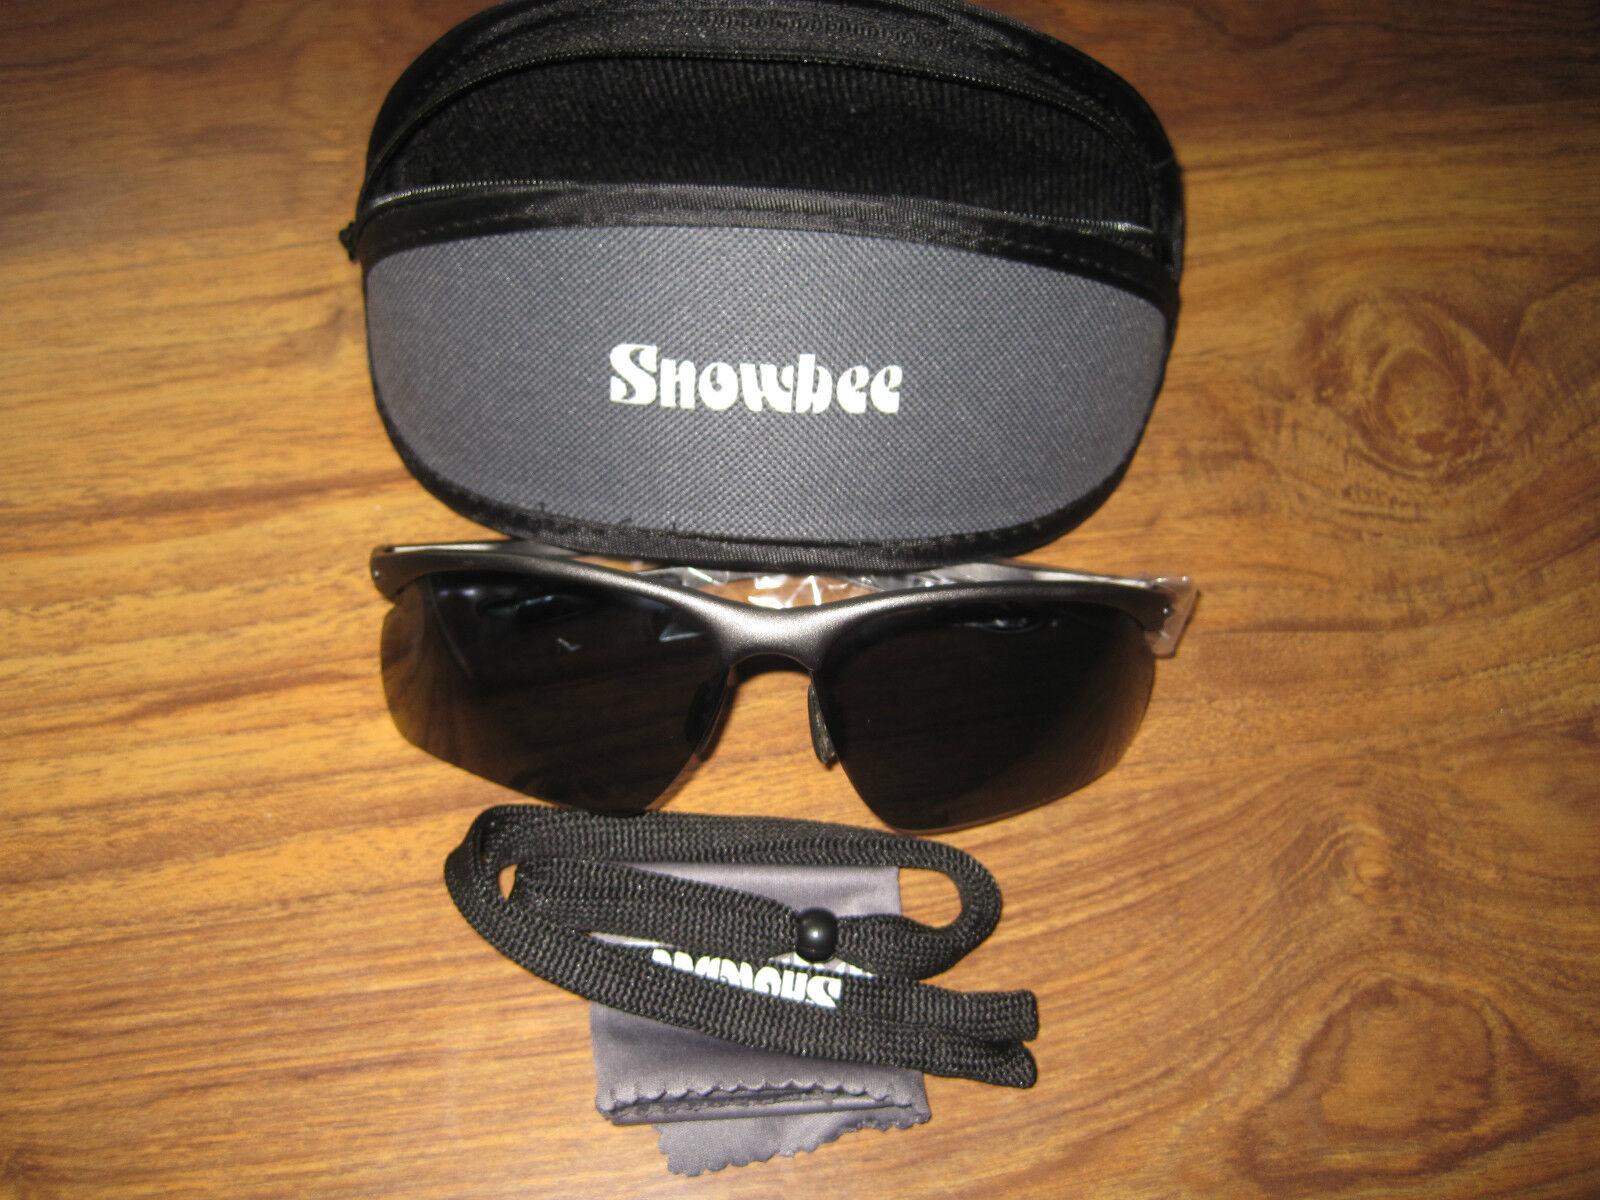 Snowbee Polarizzati Sport Pesca Sportiva Occhiali da sole + Morbida Custodia Morbida + & Cordoncino Grigio fumo 4d1df6